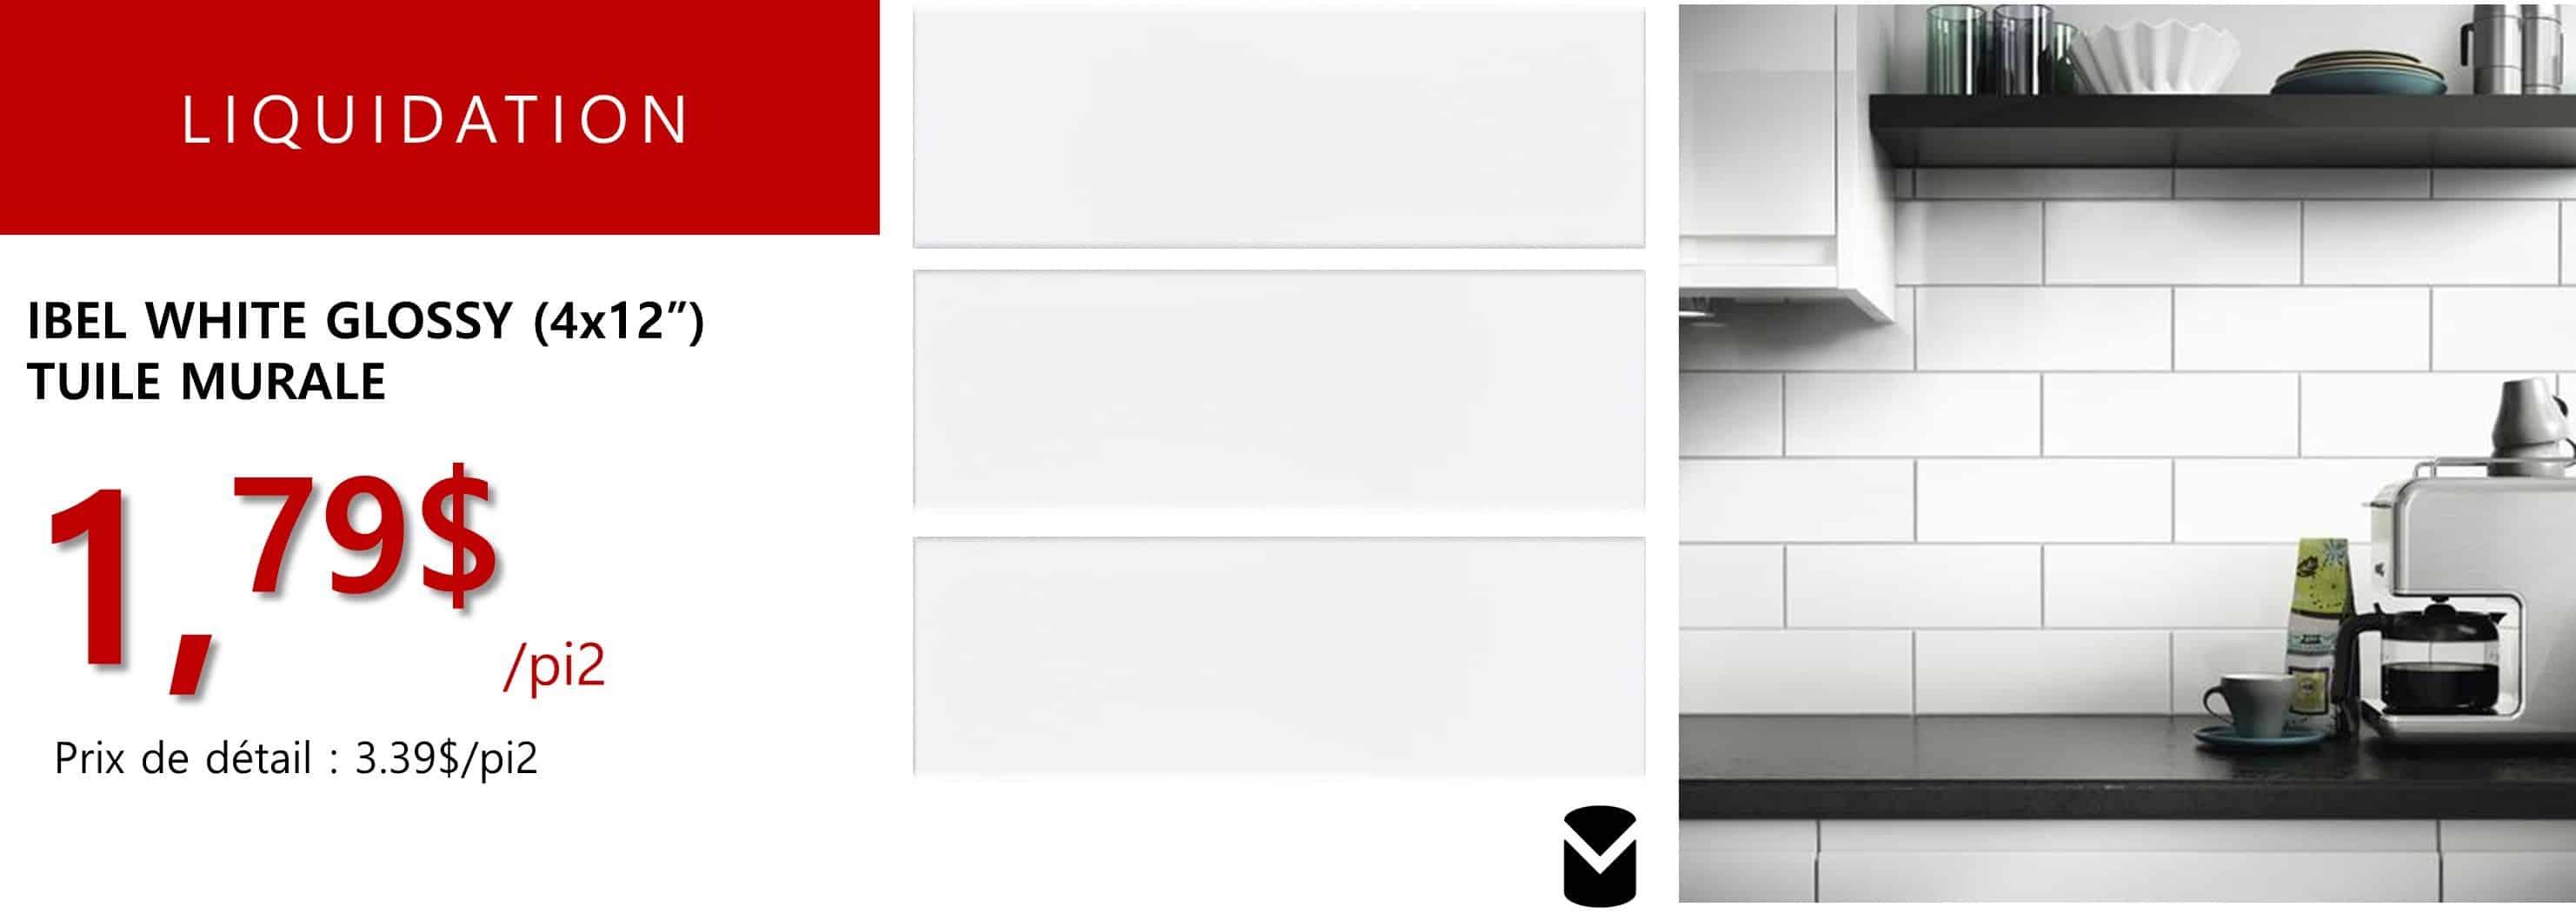 ibel-white-glossy-4x12